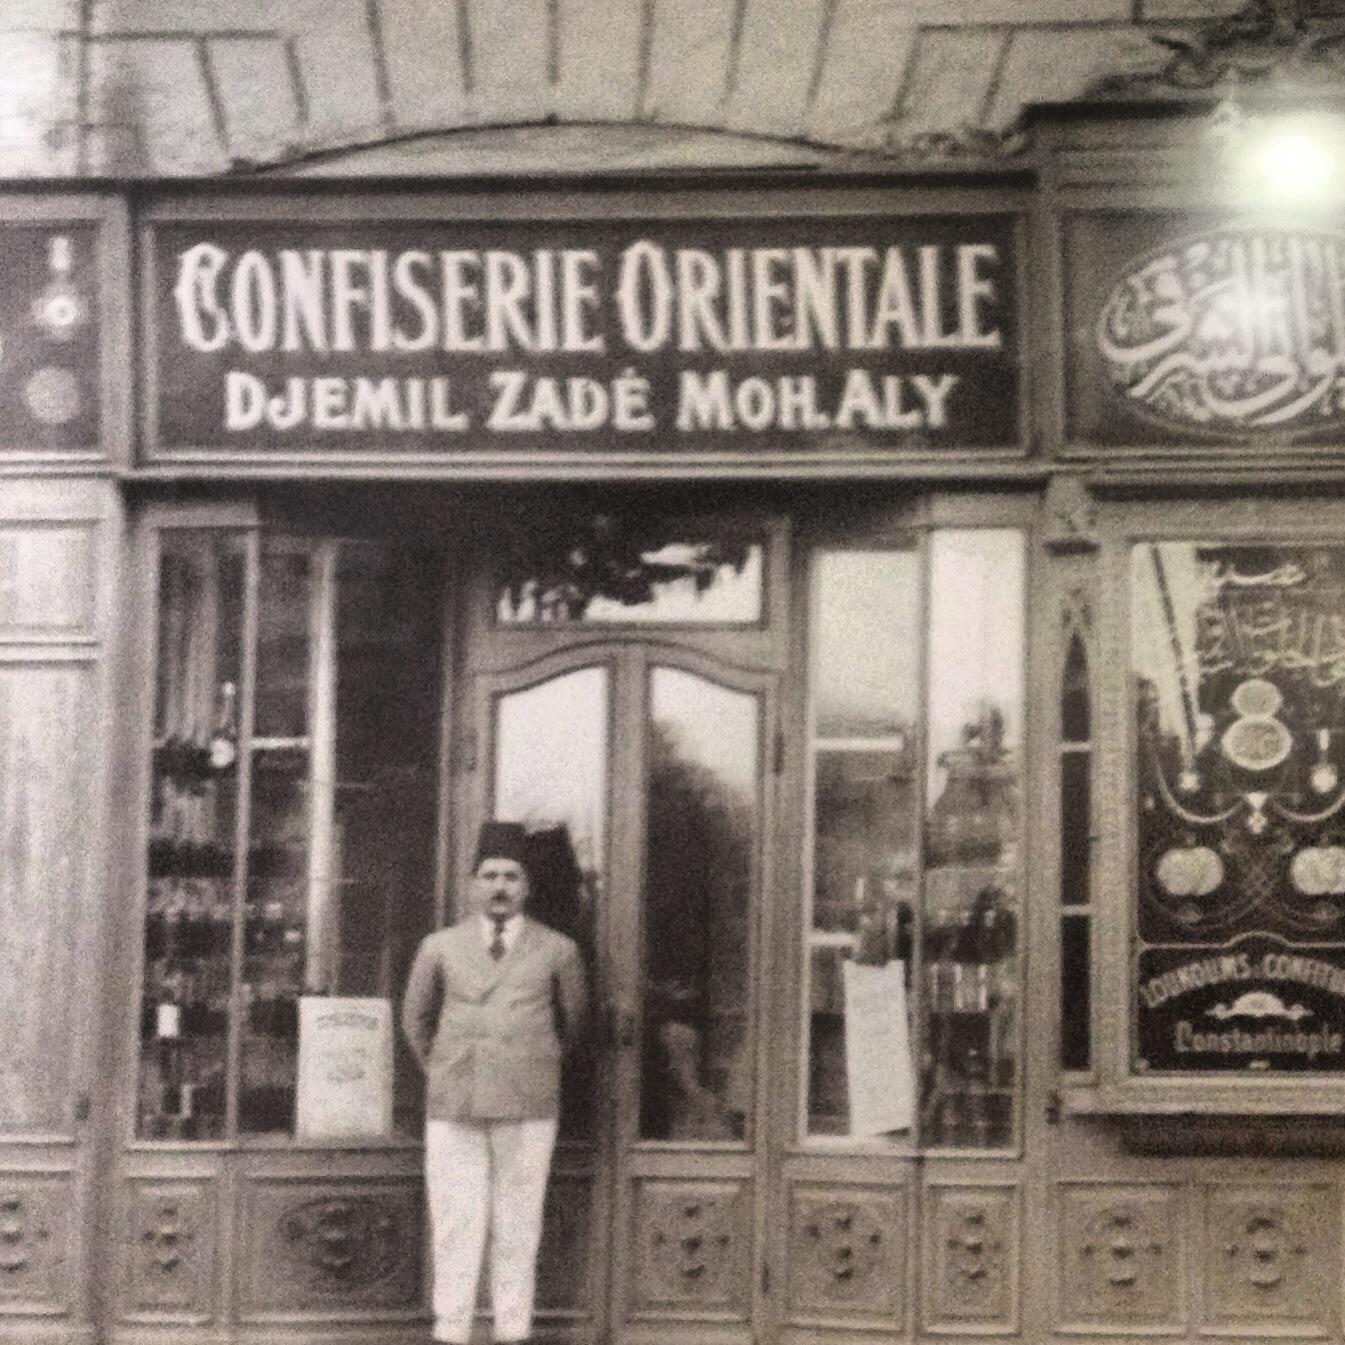 Cemil Bey Mısır'daki Mağazası önünde